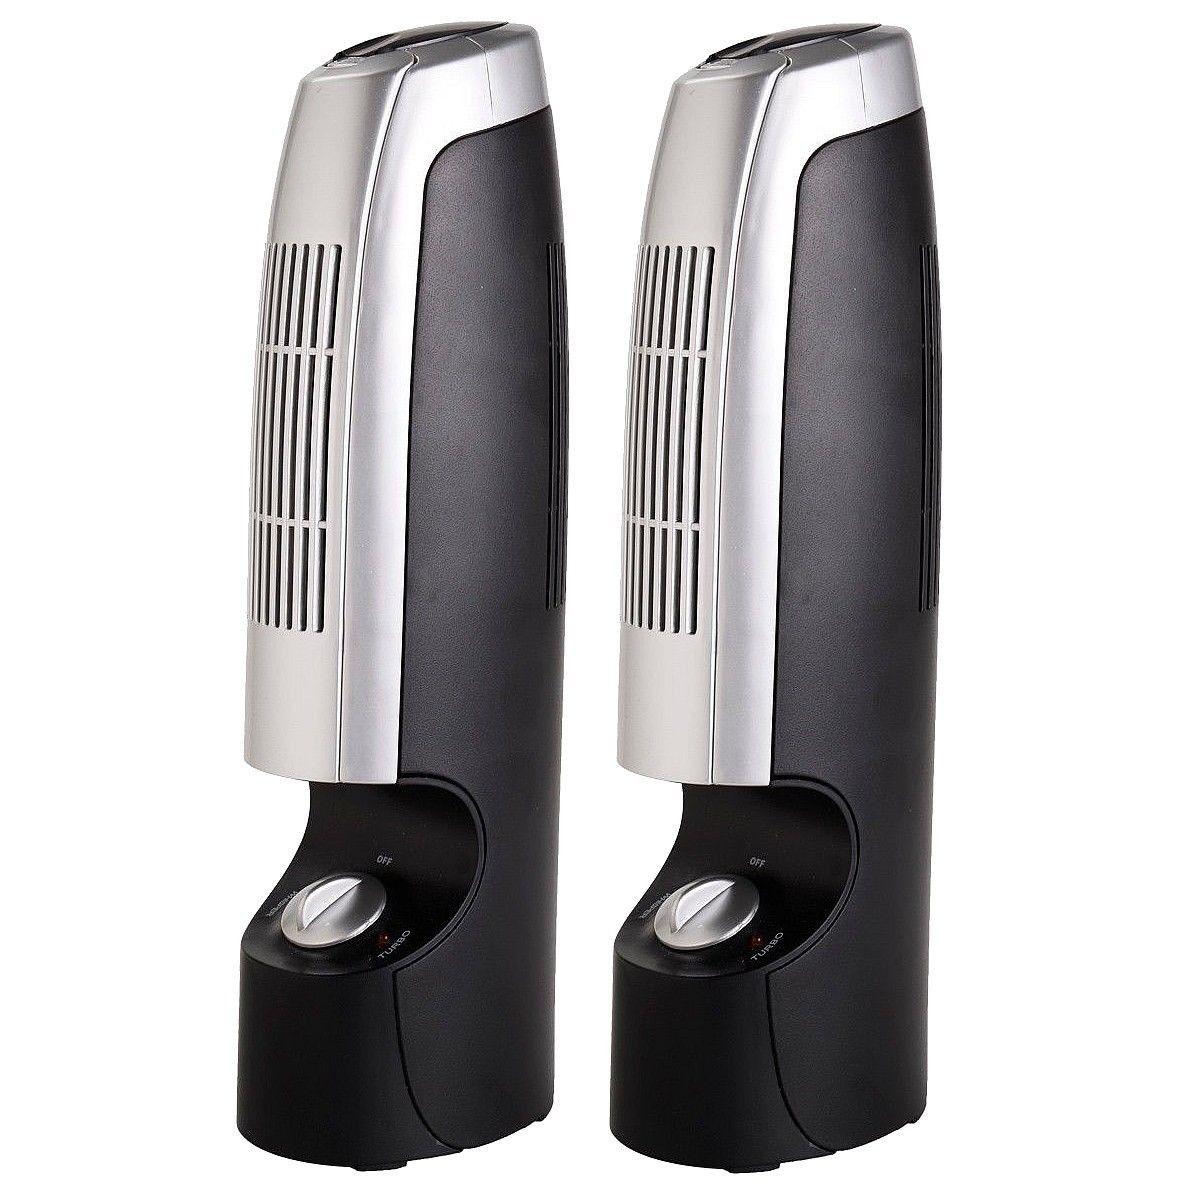 2 pcs Mini Ionic Whisper Home Air Purifier Home air